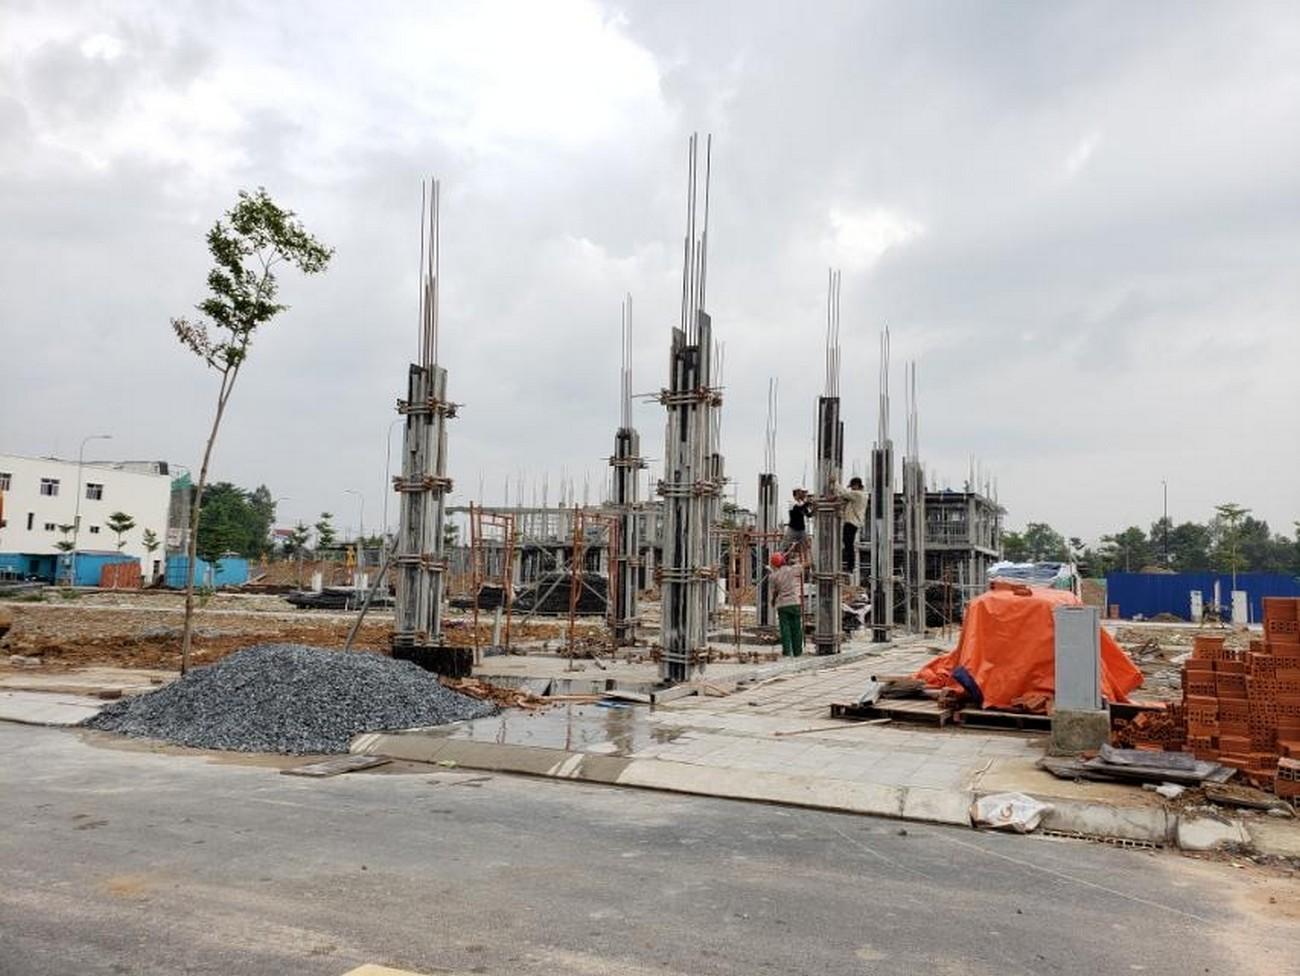 Tiến độ dự án đất nền nhà phố Icon Central Dĩ An Bình Dương chủ đầu tư Phú Hồng Thịnh 30/06/2020